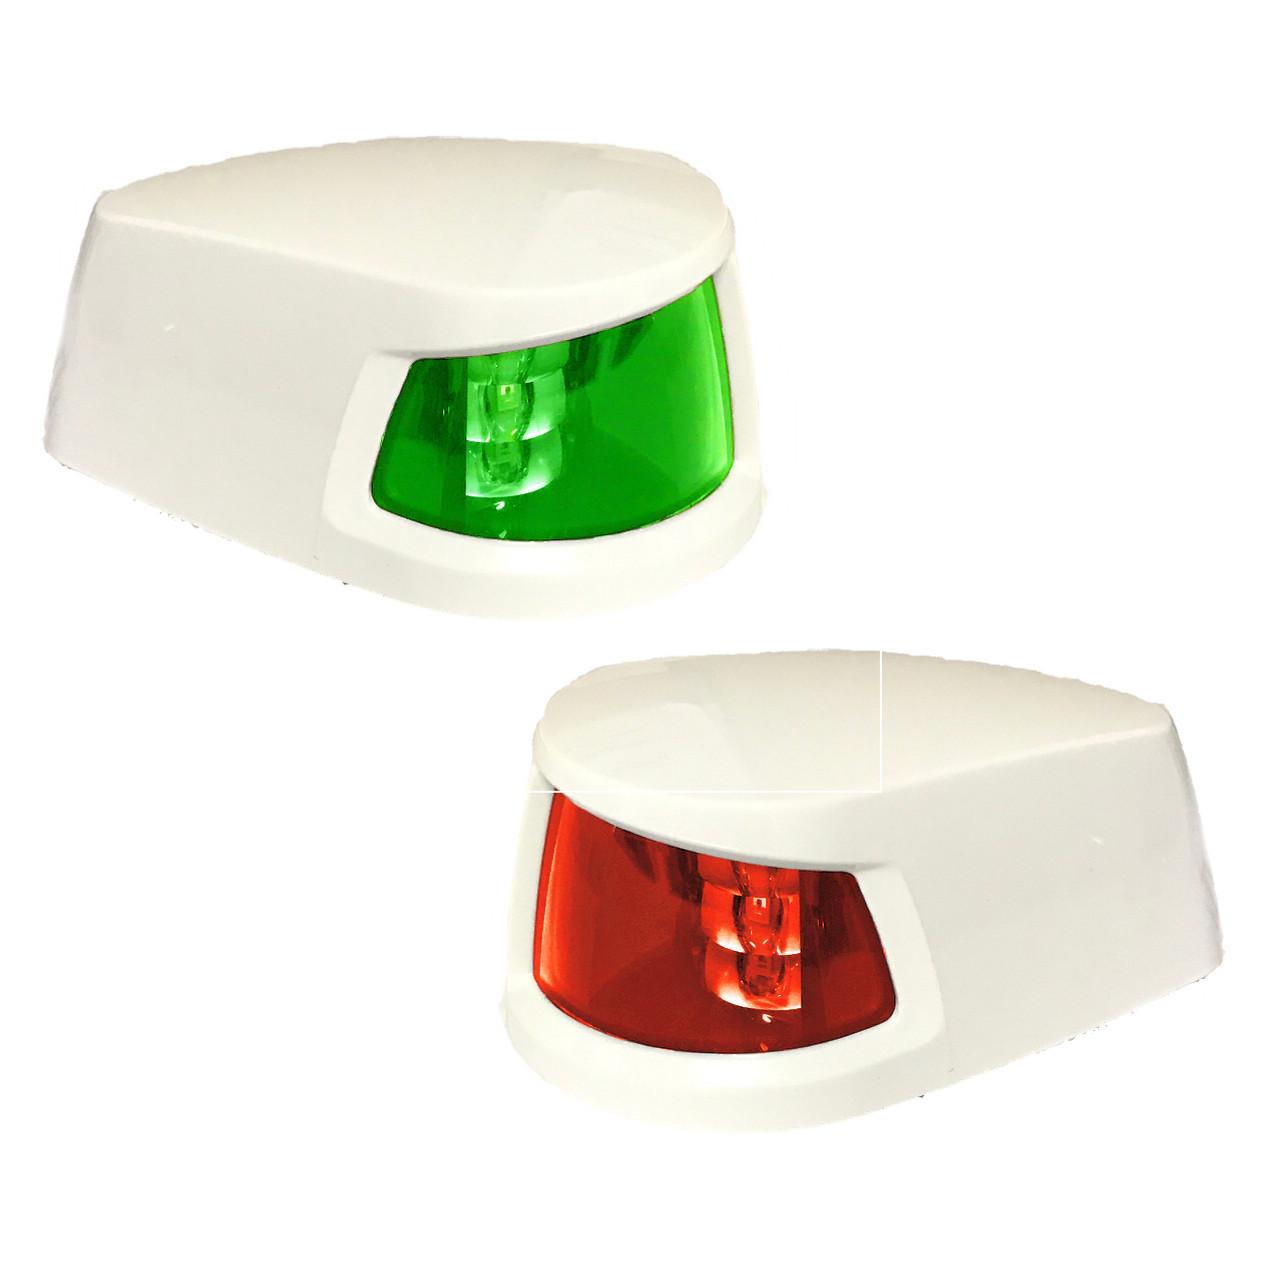 LED Navigation Side Lights 12V/24V Horizontal Mount